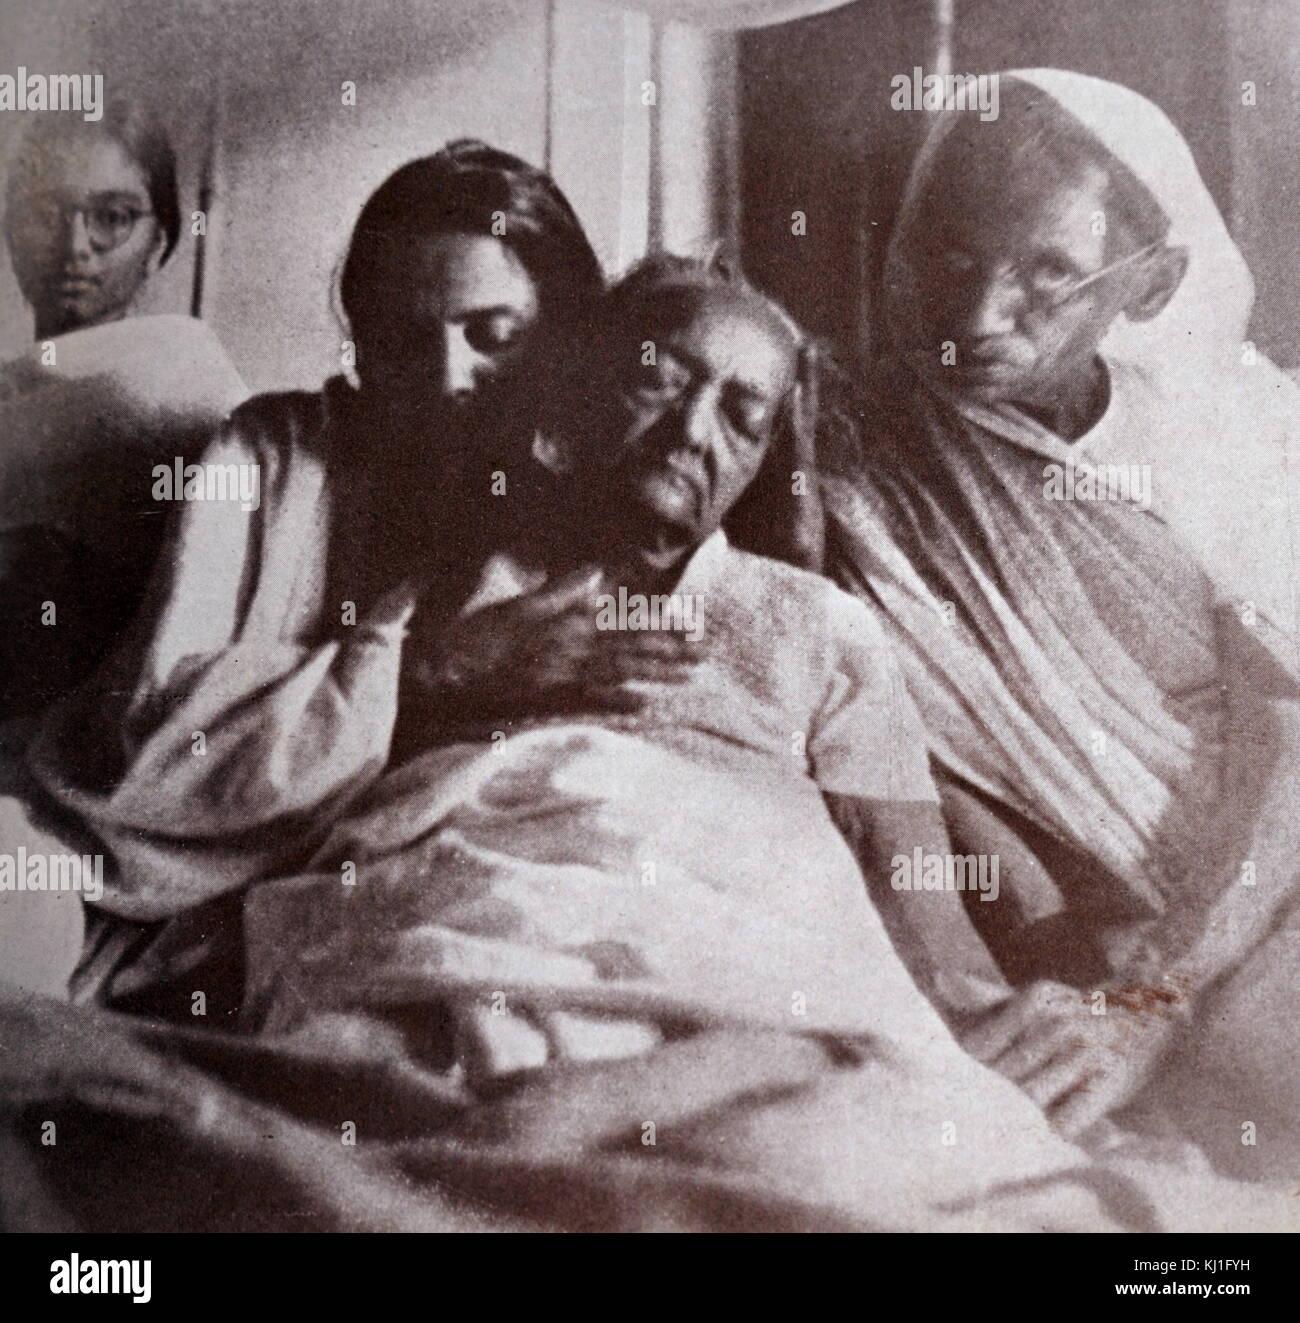 Kasturba Gandhi moglie del Mahatma Gandhi sul suo letto di morte presso il  Palazzo dell'Aga Khan, a Pune, nello Stato del Maharashtra. 1944. Il  palazzo divenne luogo di internamento per indipendenza indiana